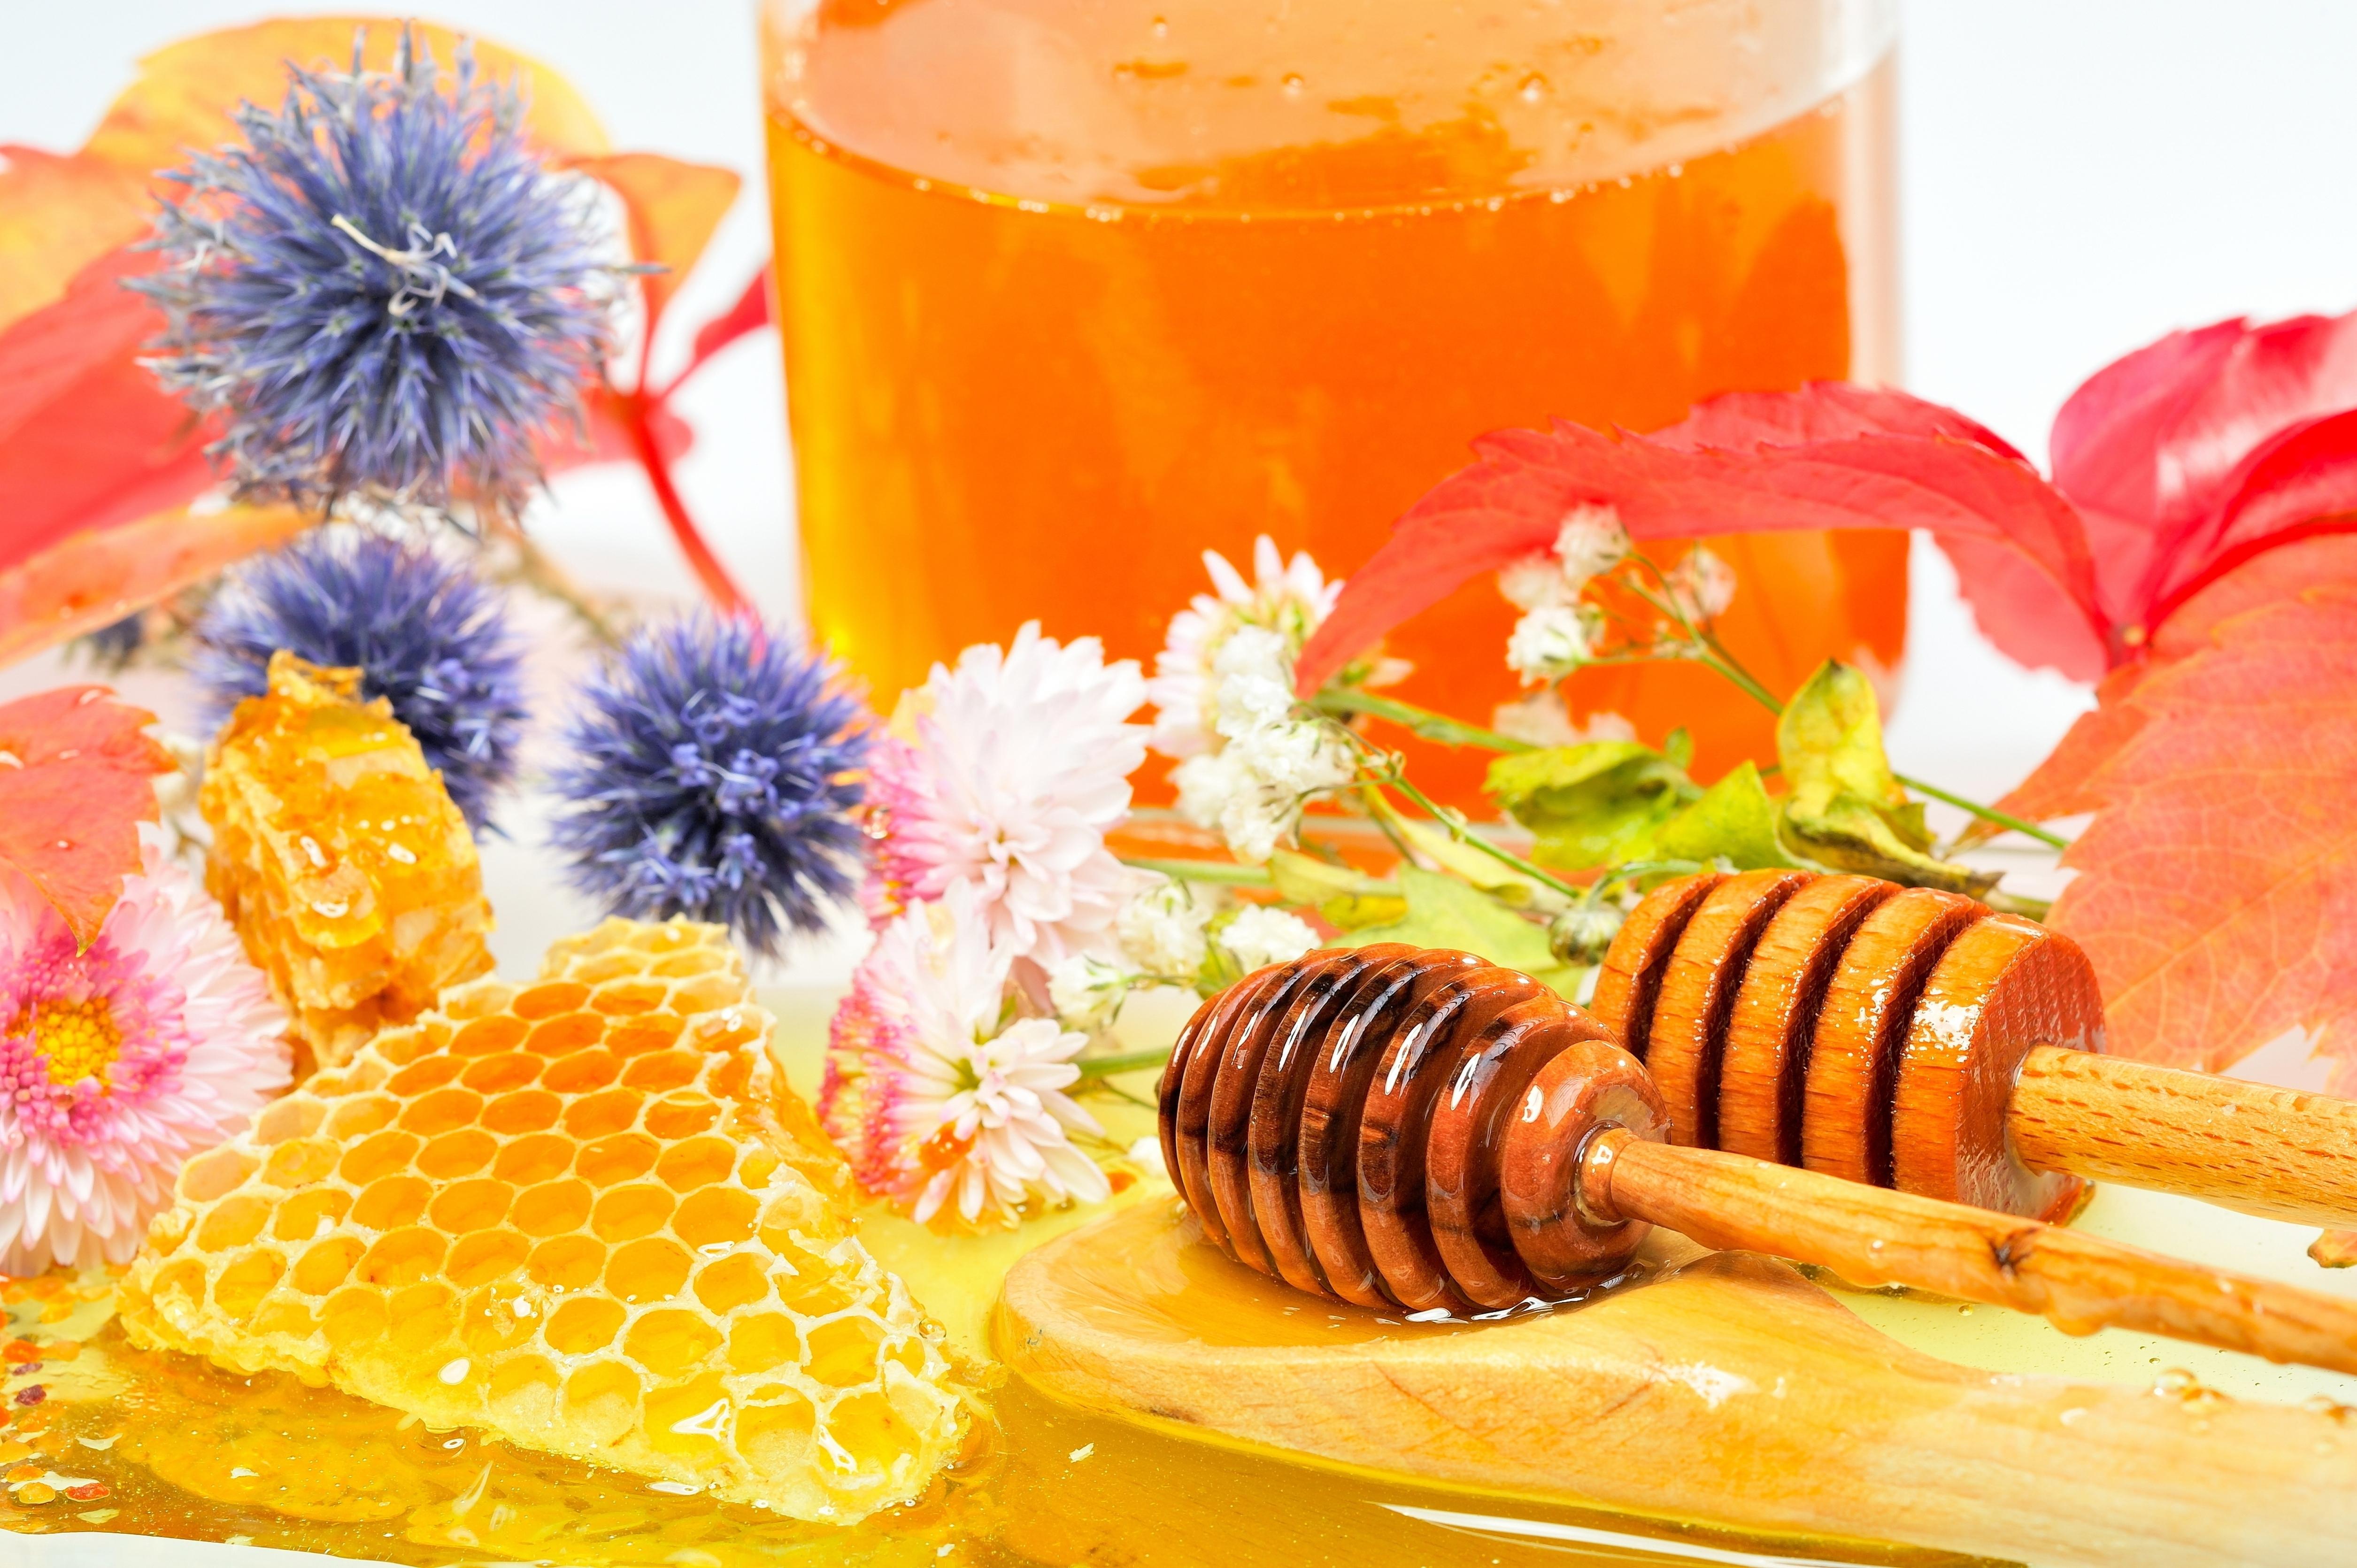 Заставки мед, honey, соты, цветы.  Картинки мед скачать на рабочий стол, фото honey.